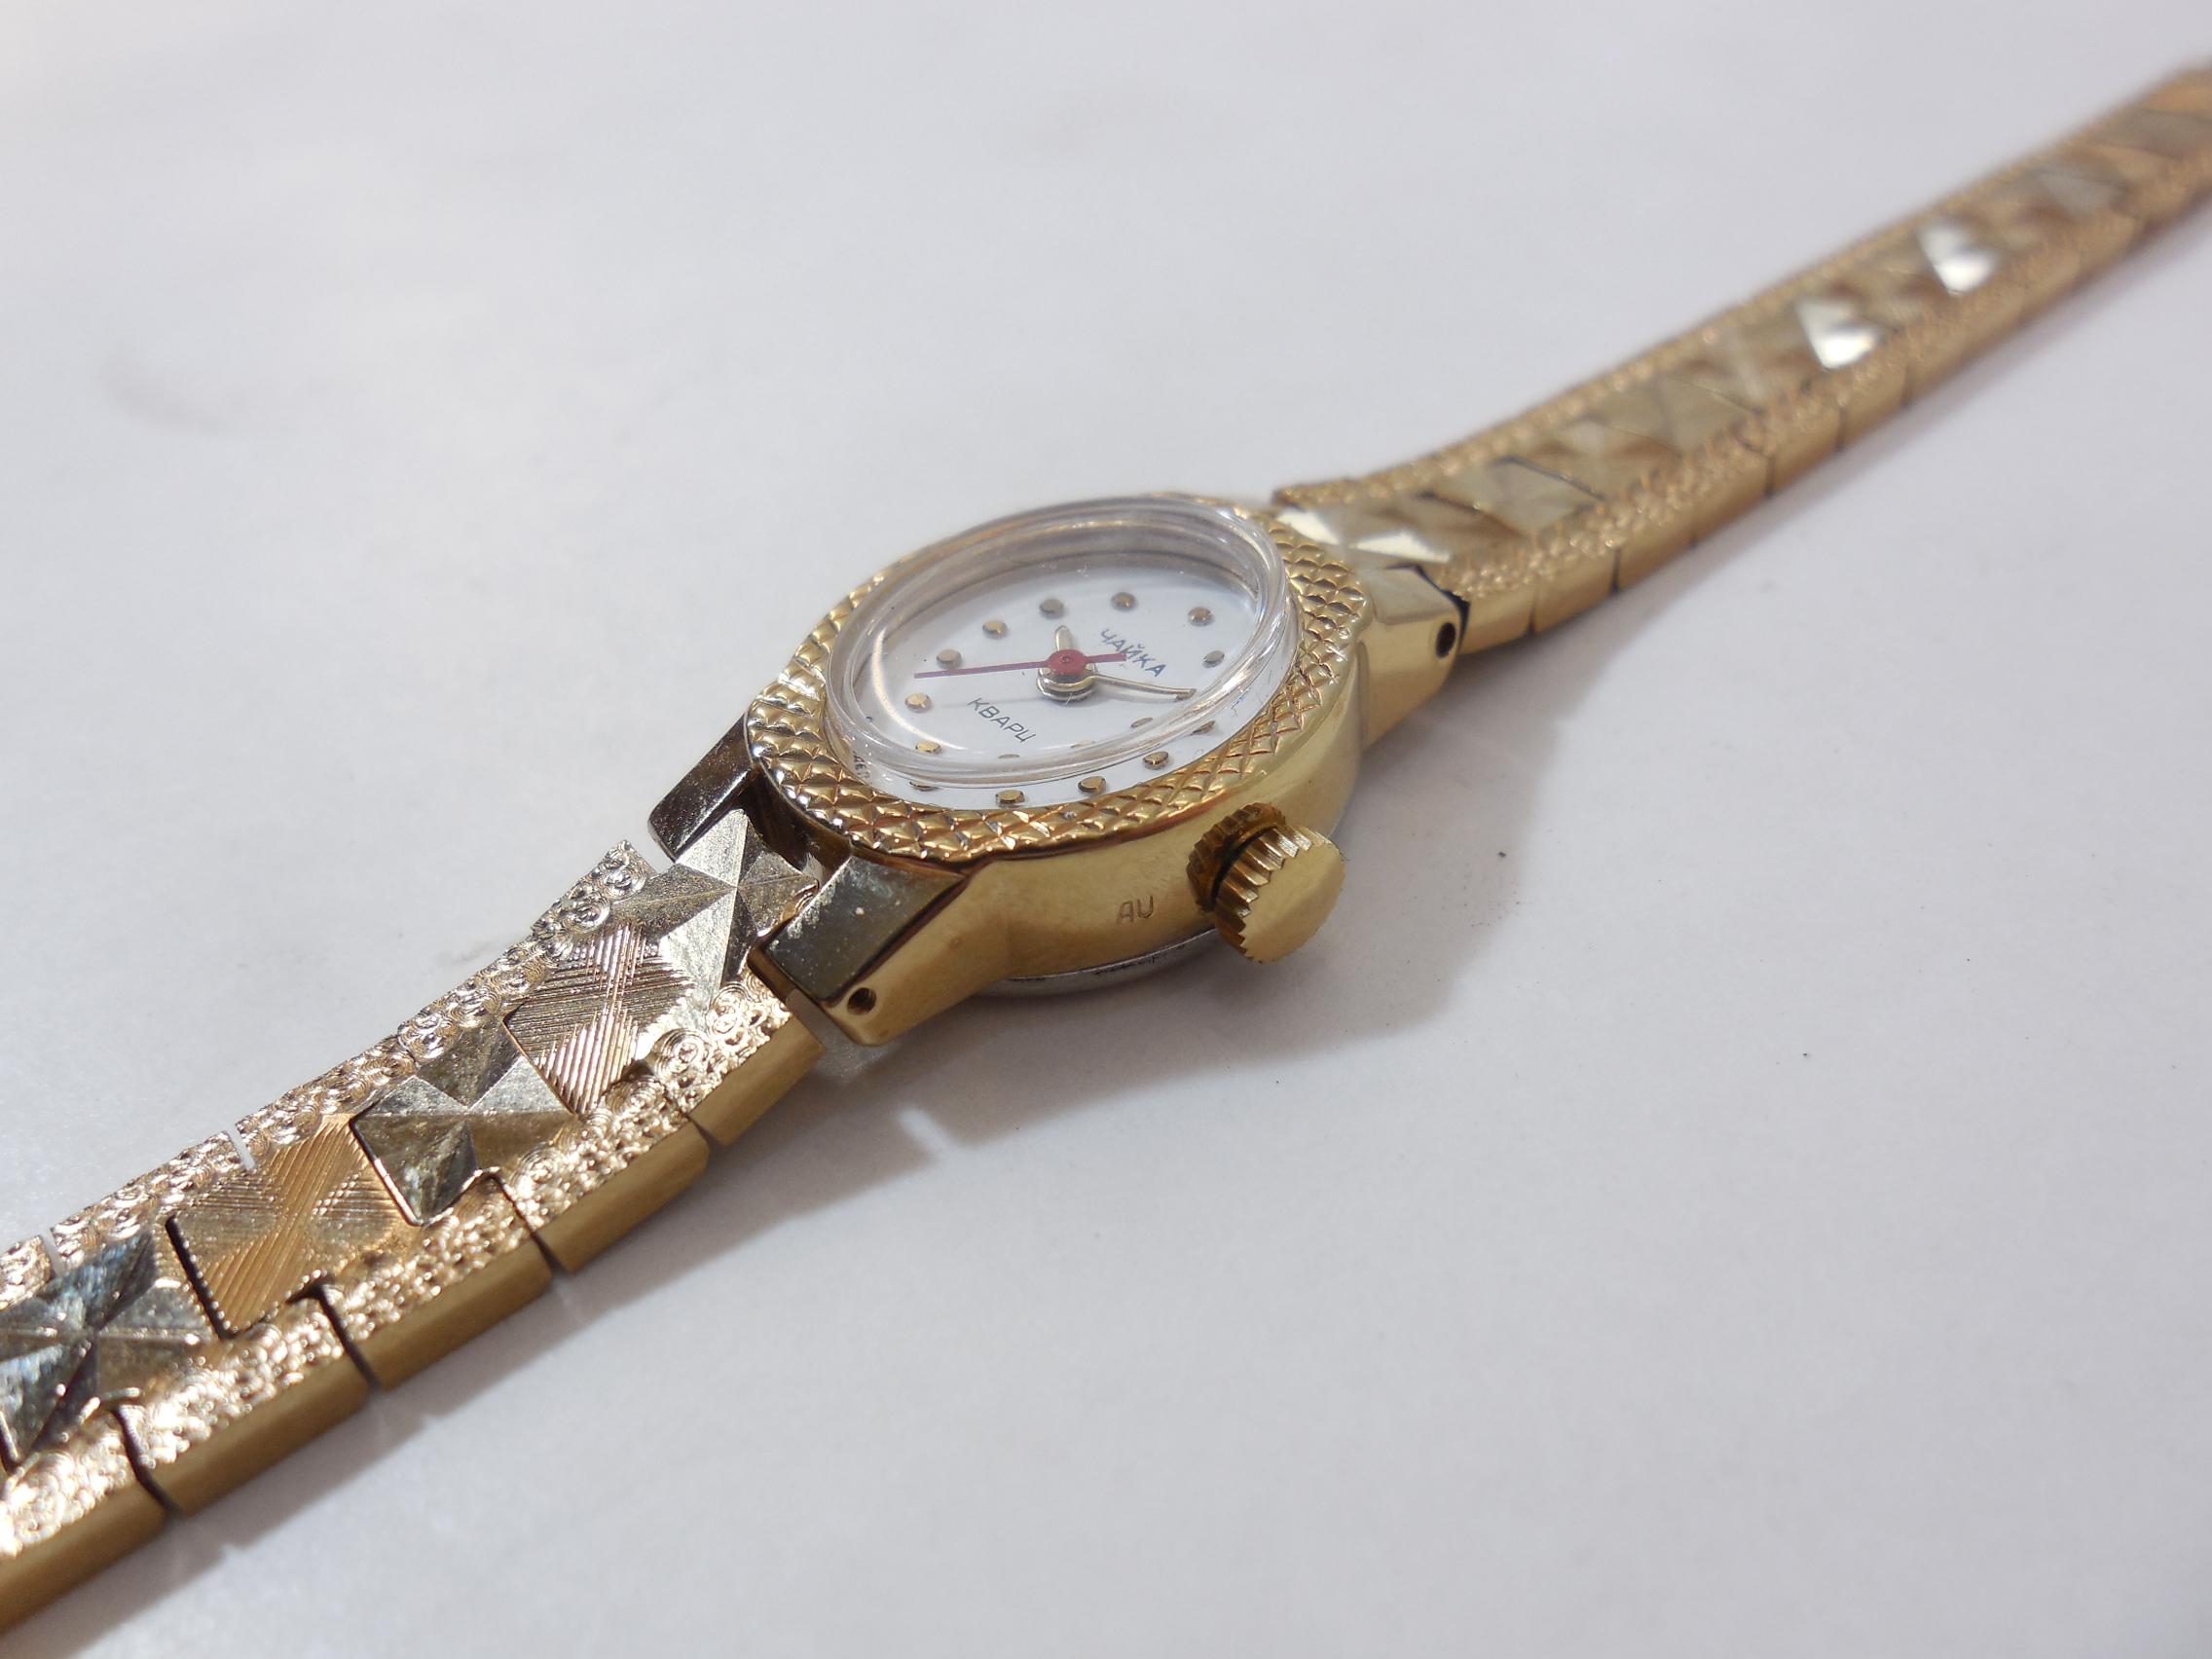 часы чайка золото в картинках интернете можно найти